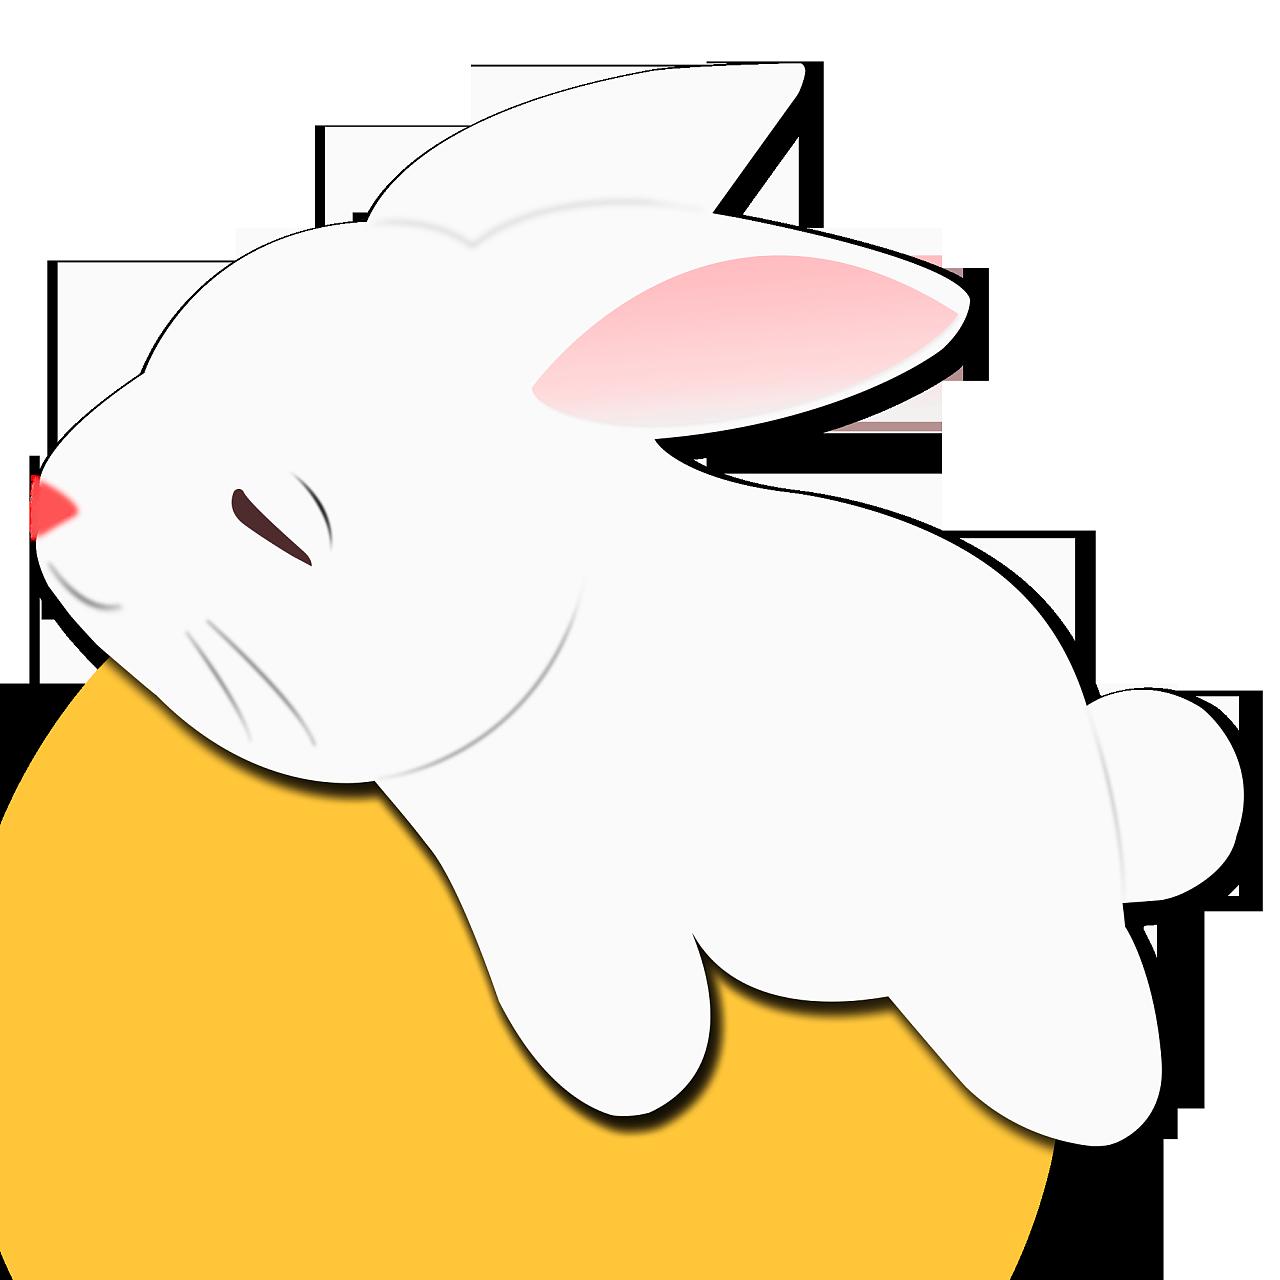 中秋节手绘玉兔装饰元素